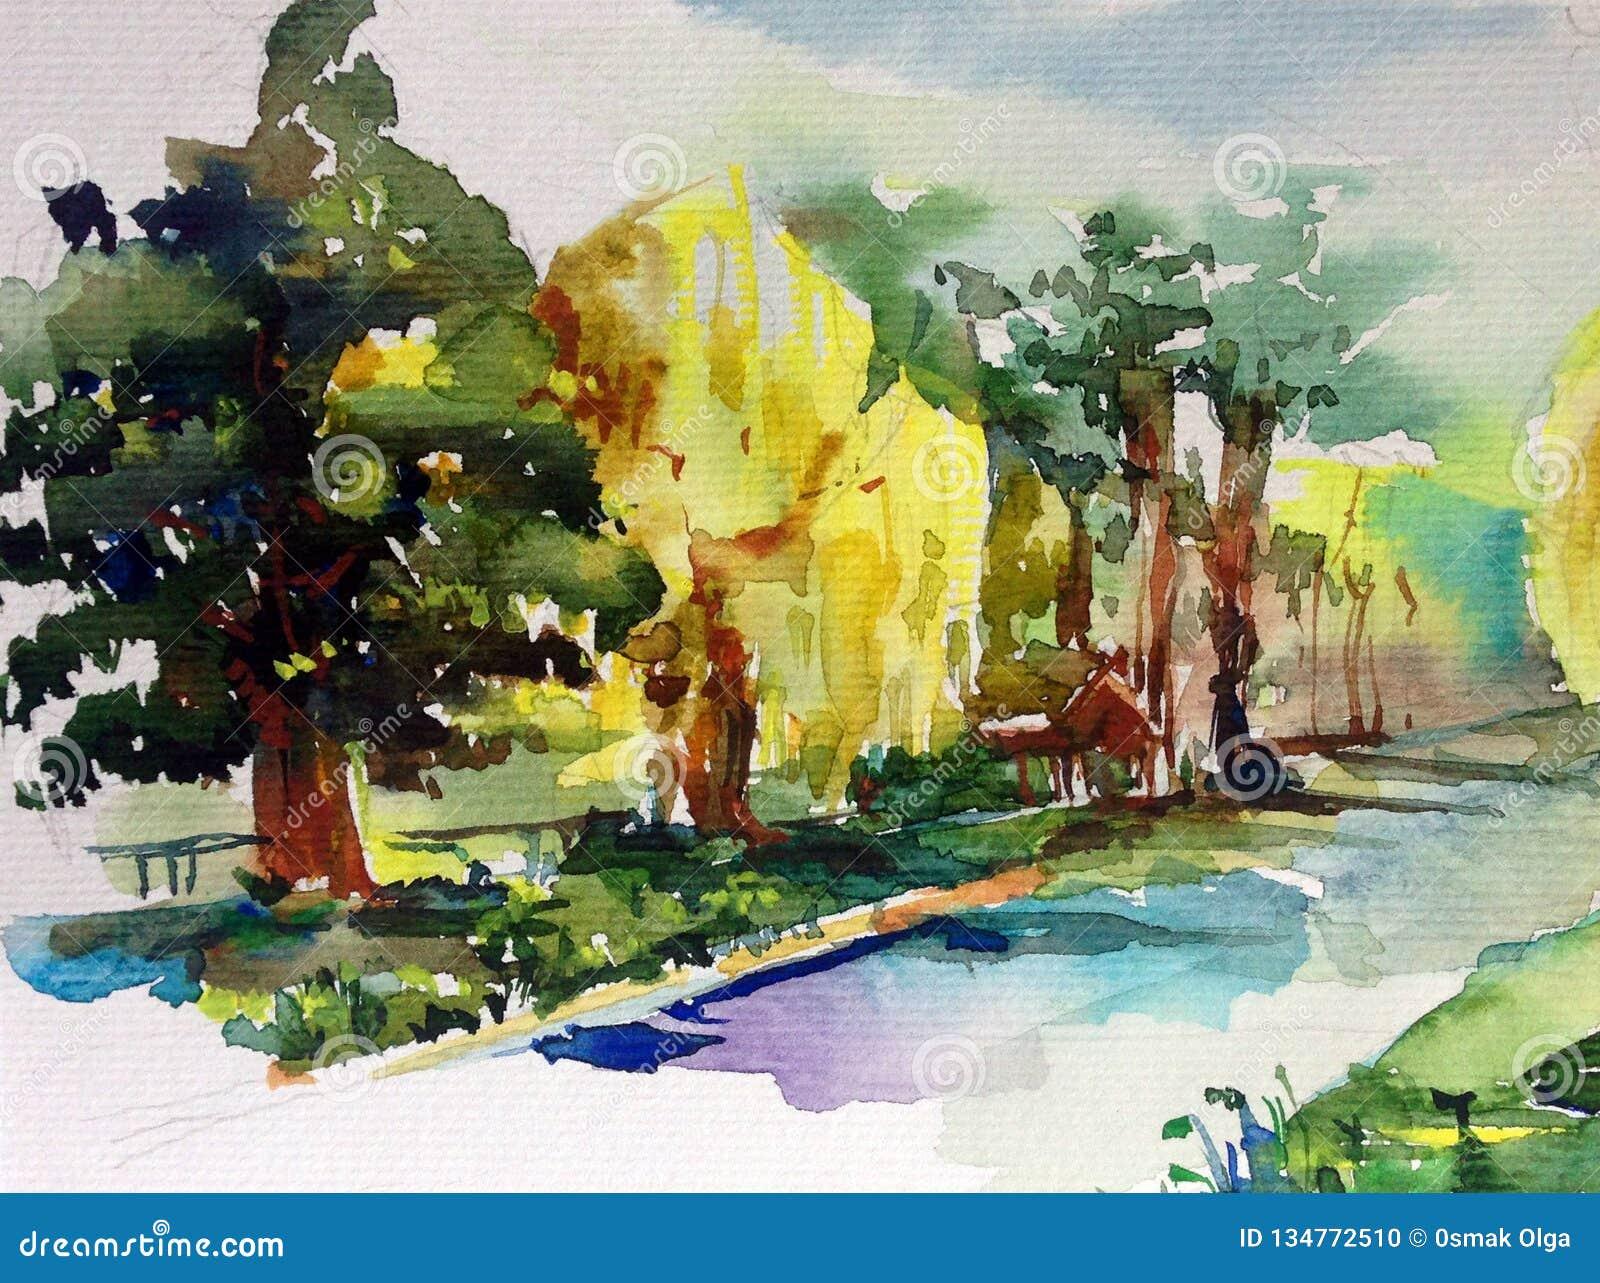 Prendre garde. [Pv BH] Fond-abstrait-texturis%C3%A9-lumineux-color%C3%A9-d-aquarelle-fait-main-paysage-m%C3%A9diterran%C3%A9en-peinture-du-parc-134772510